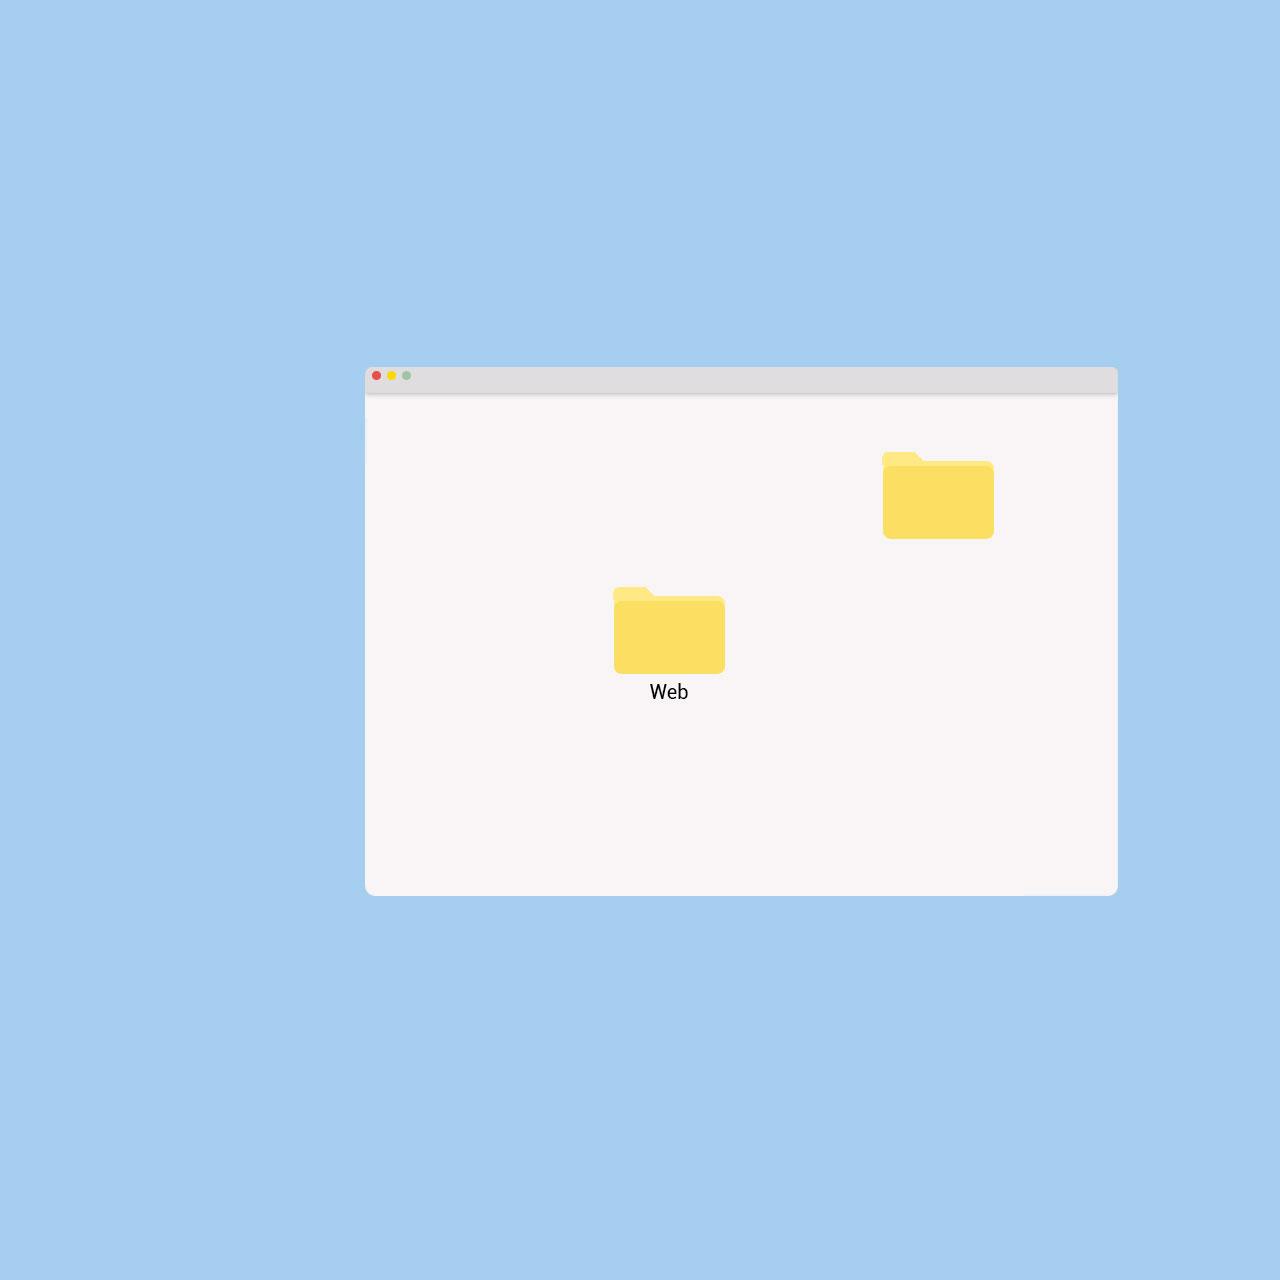 videoタグのつまずき2/全画面表示 /たてよこいっぱい